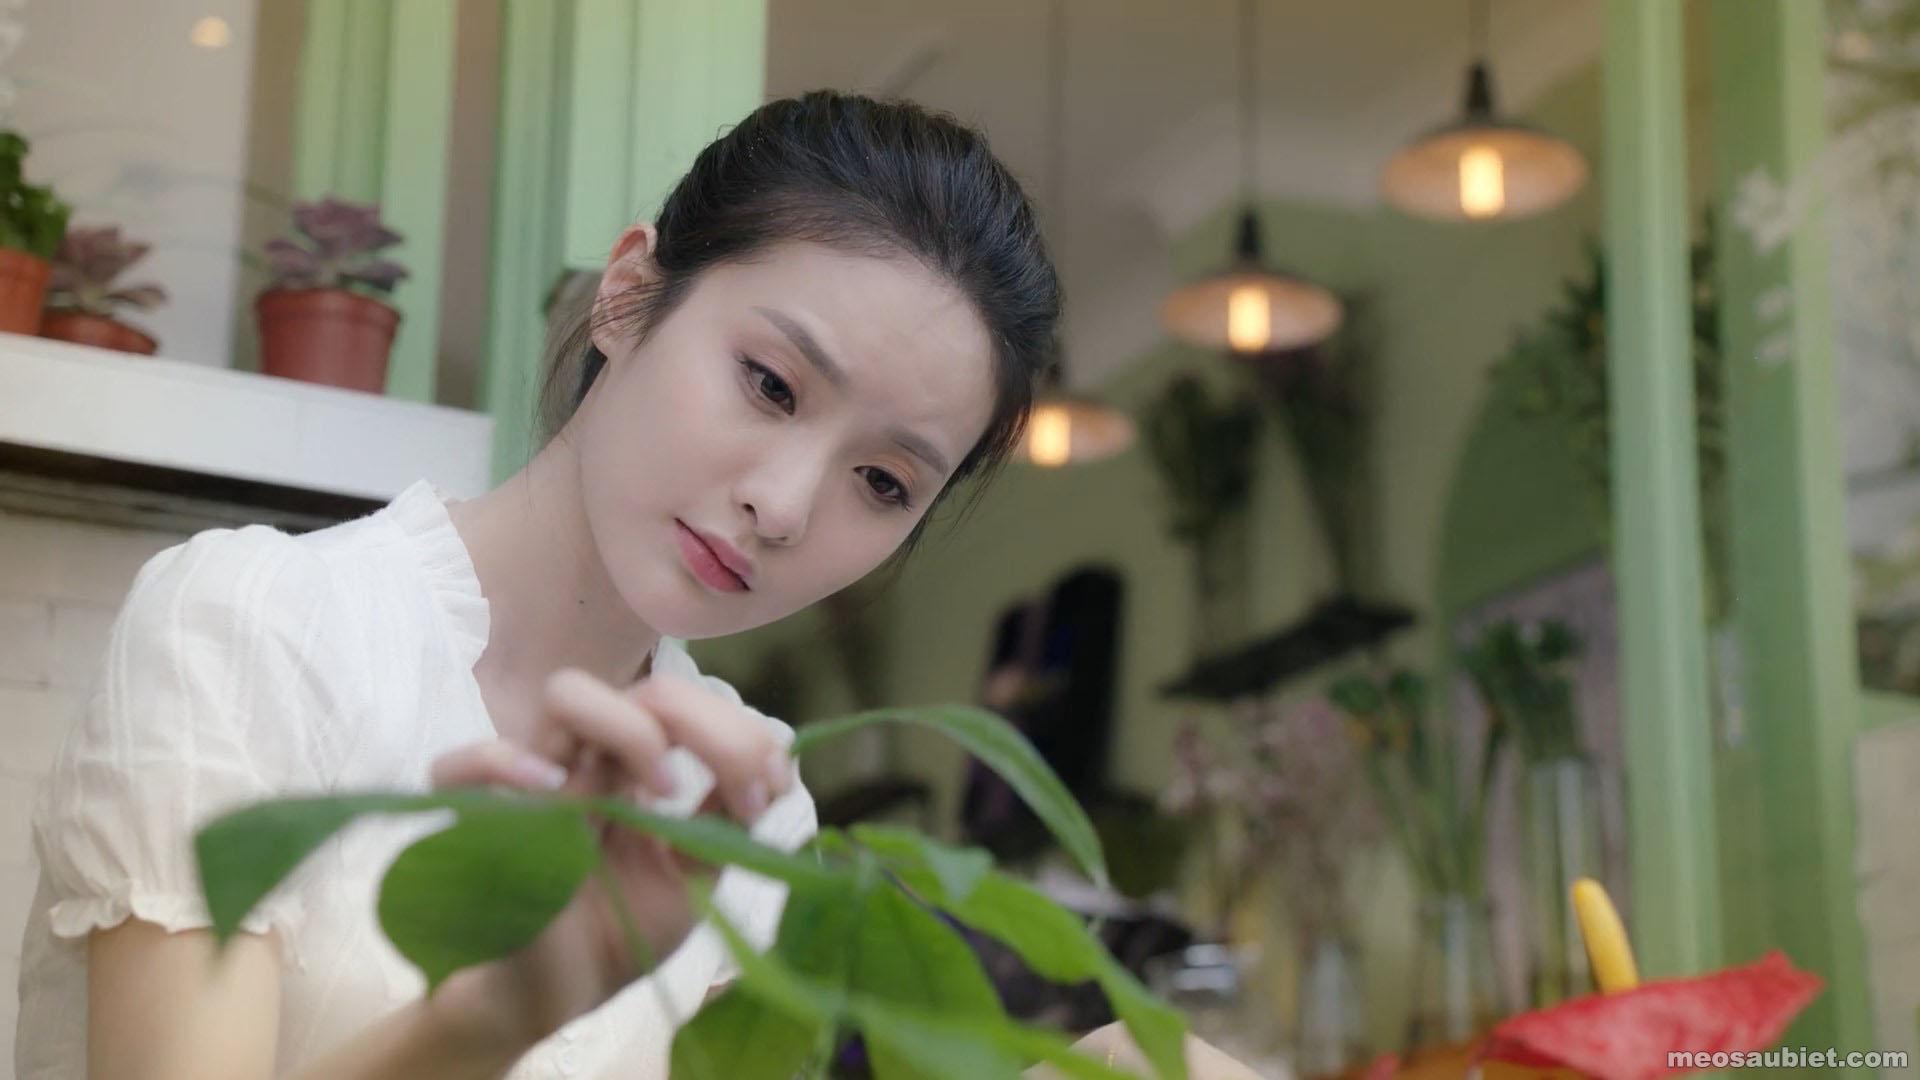 Ông chồng quốc dân phần II 2019 Lại Vũ Mông trong vai Kiều An Hảo